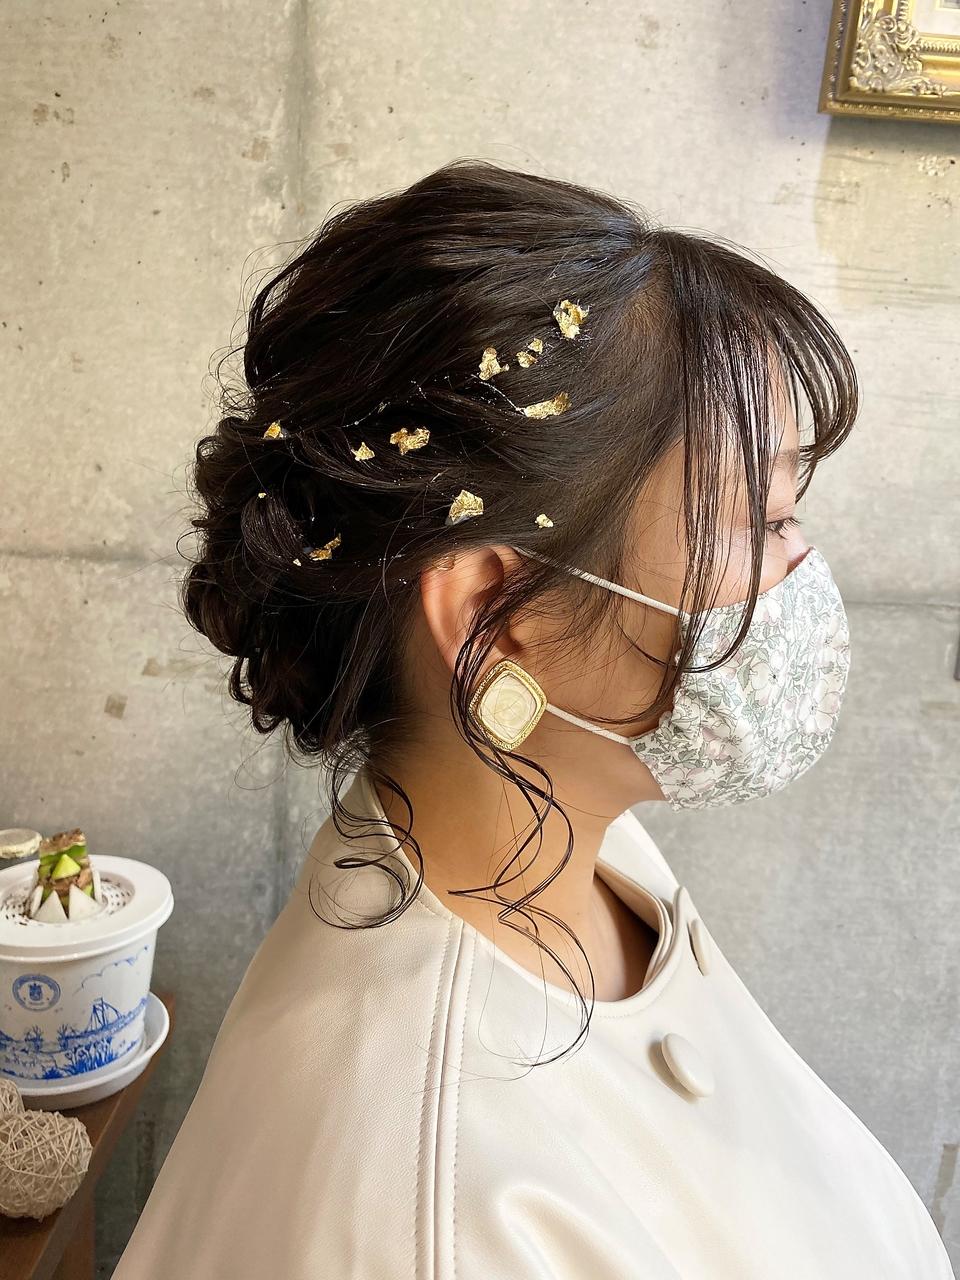 【Cadre新小岩】おくれ毛たっぷり金箔シニヨン【小林亜美】